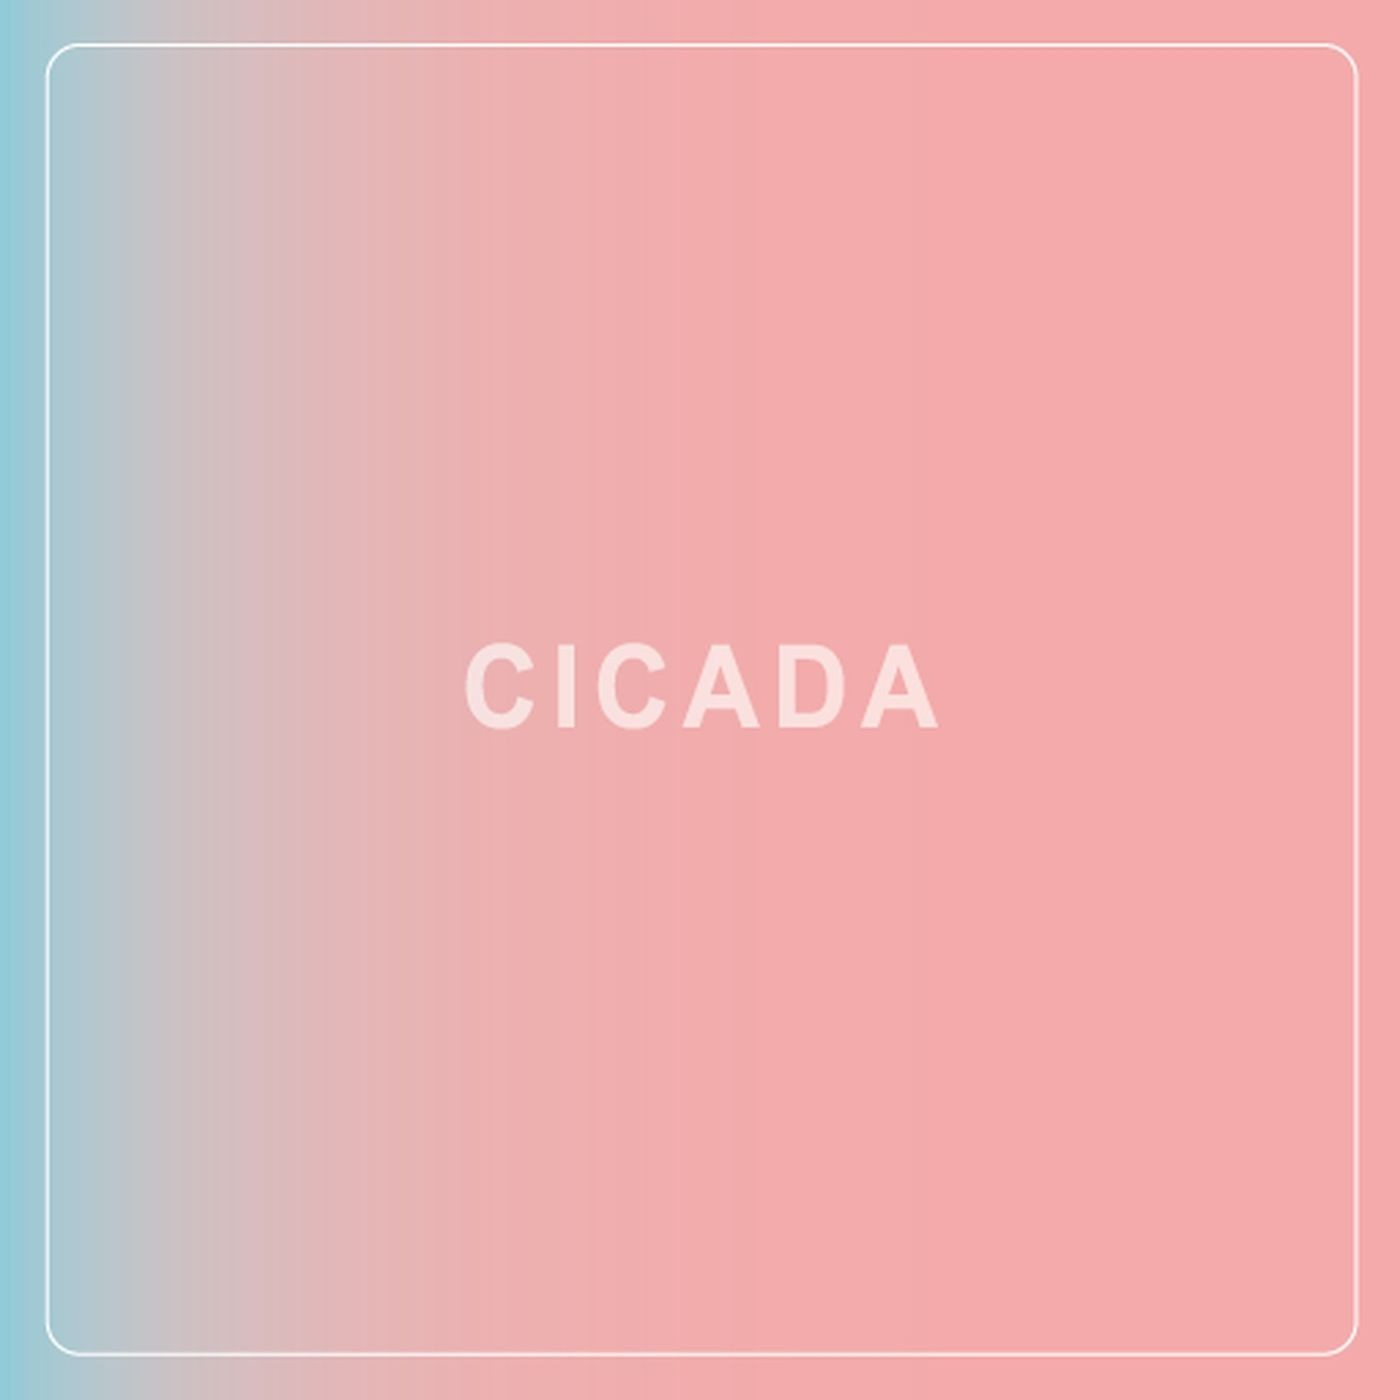 婵/CICADA – ふれてほしい [FLAC + MP3 320 / WEB] [2018.10.02]